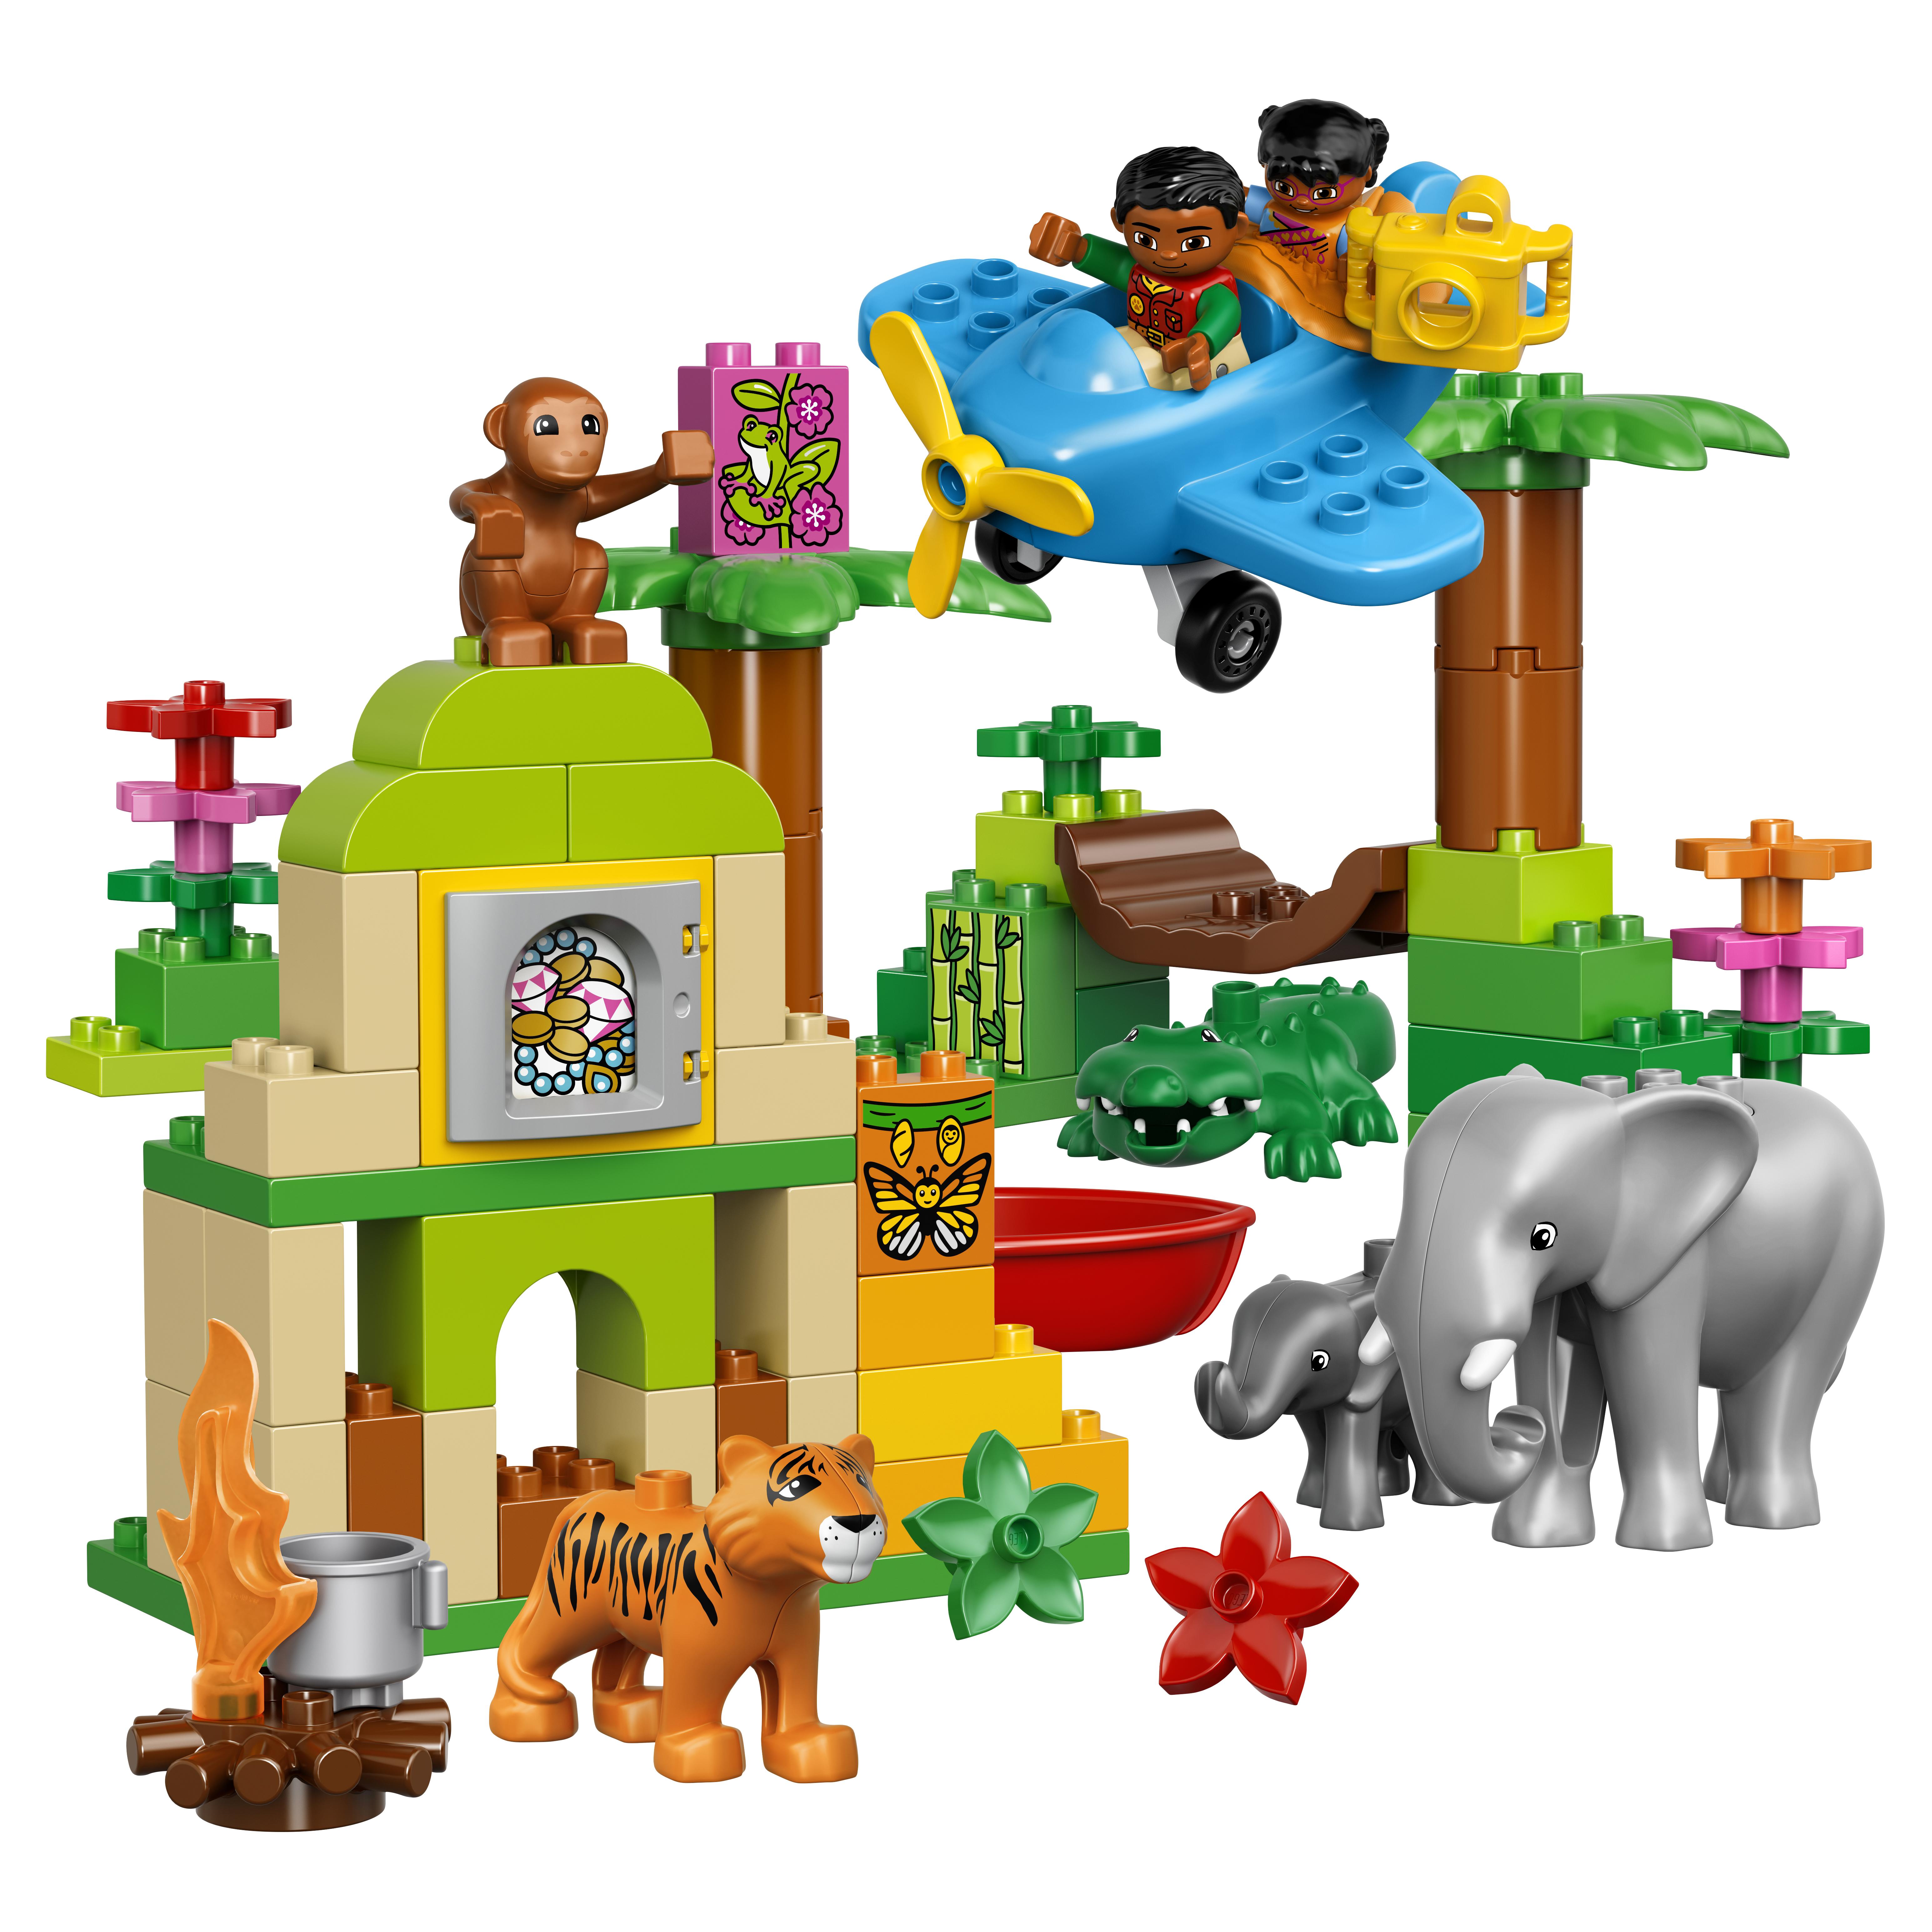 Конструктор LEGO Duplo Town Вокруг света: Азия